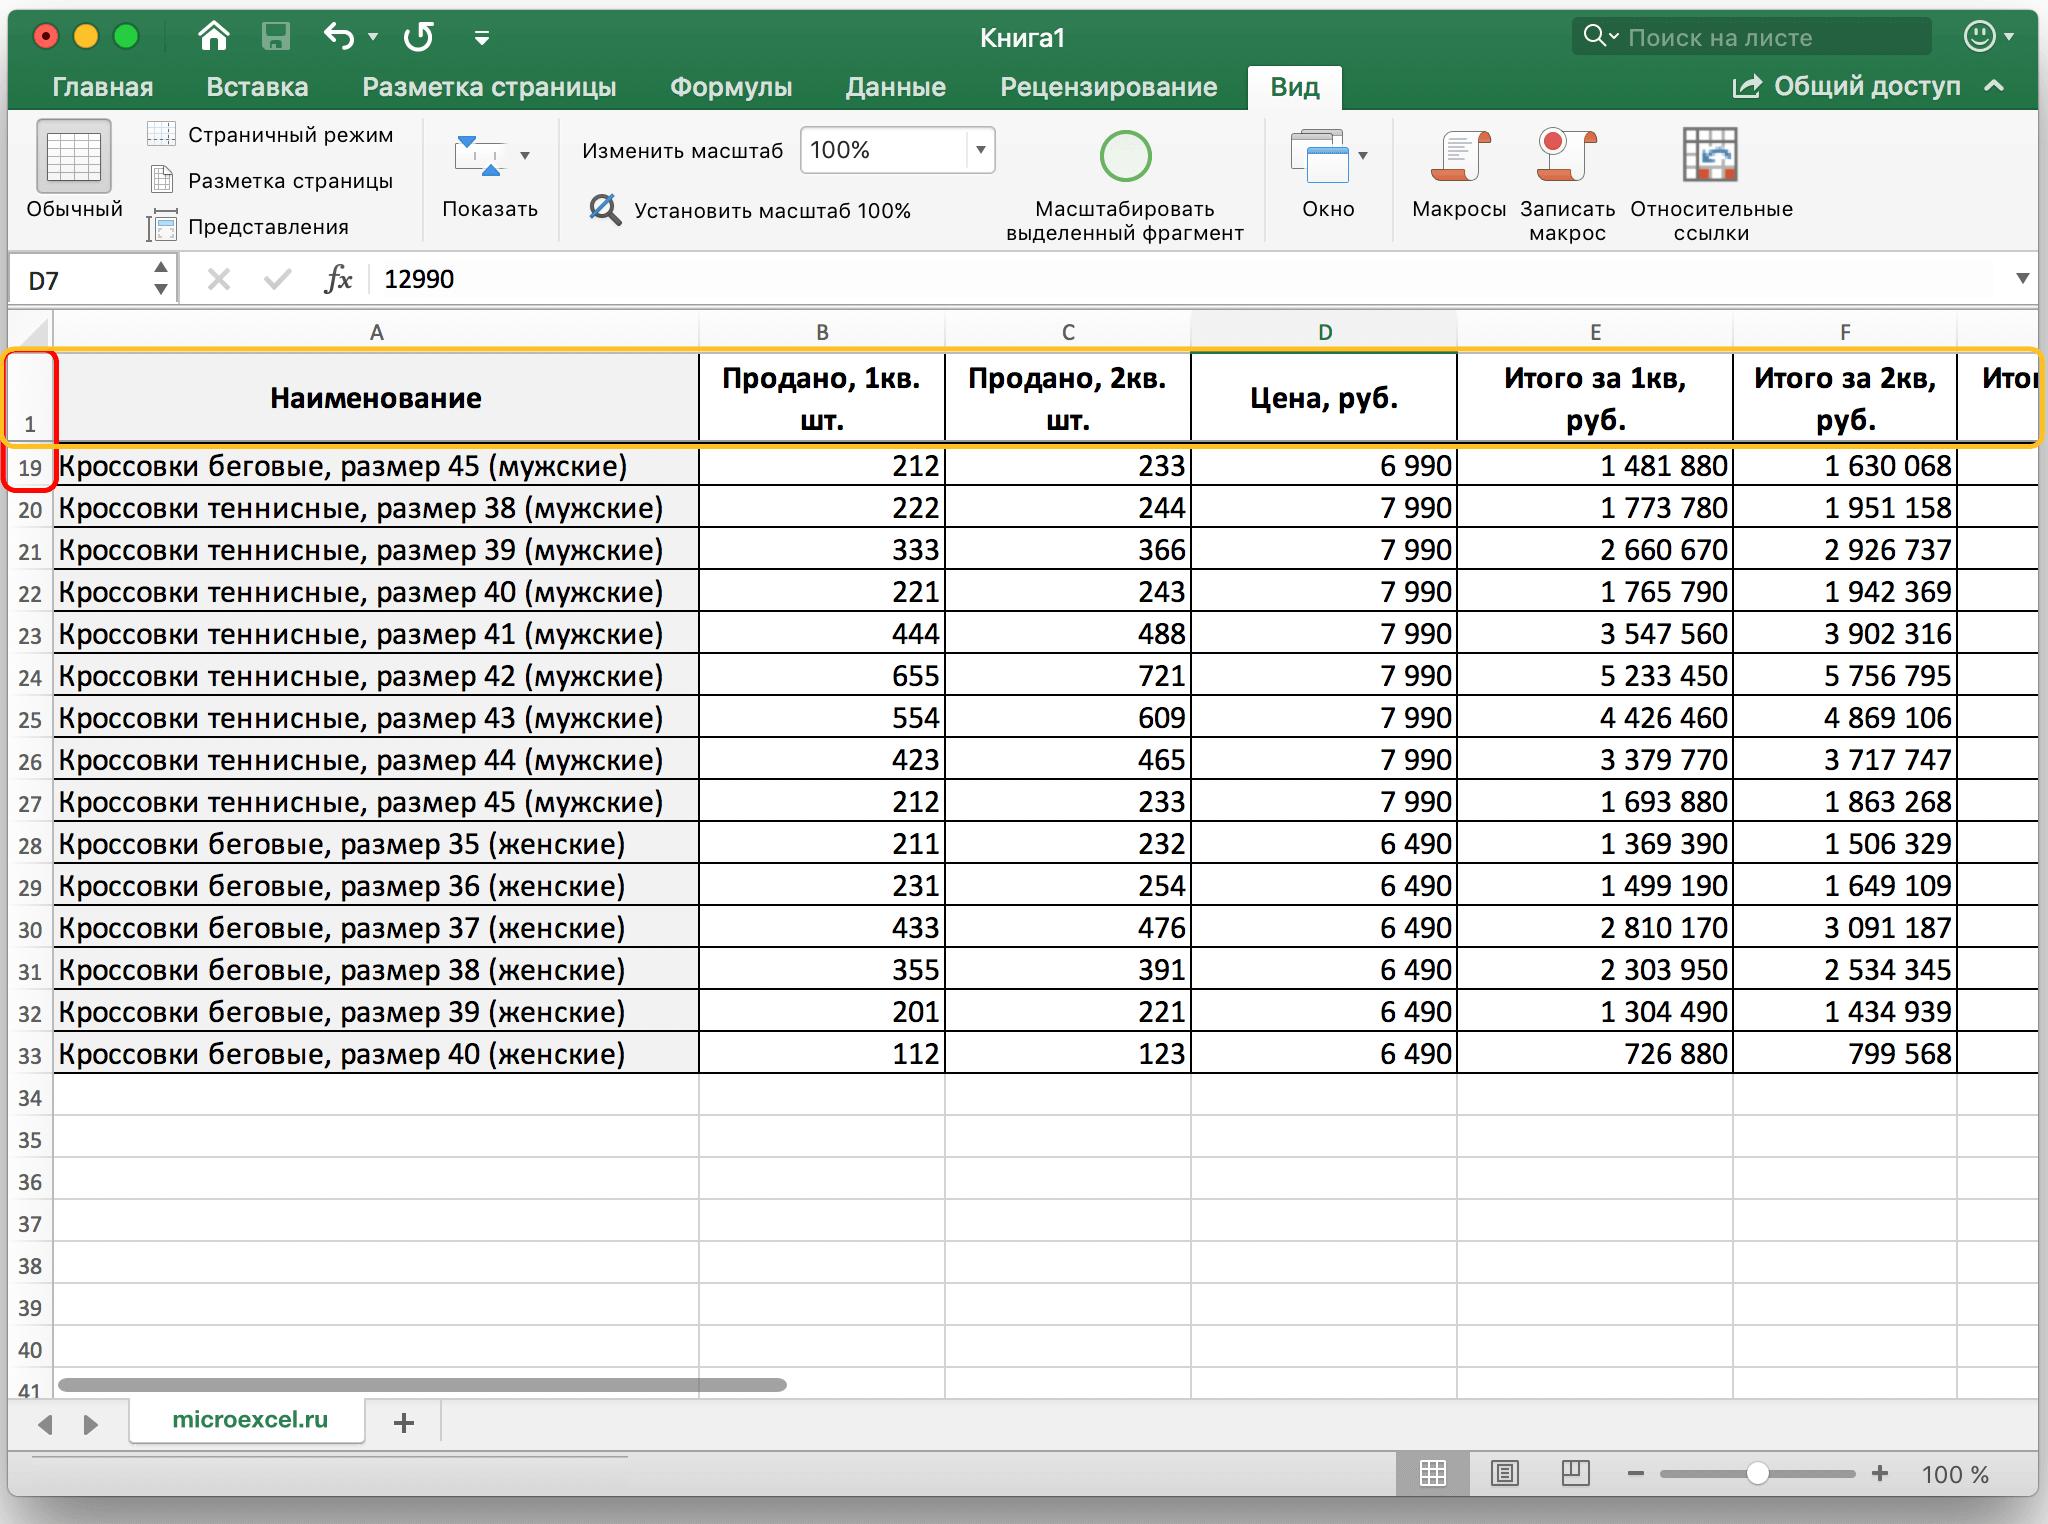 Как в Excel закрепить строку при прокрутке